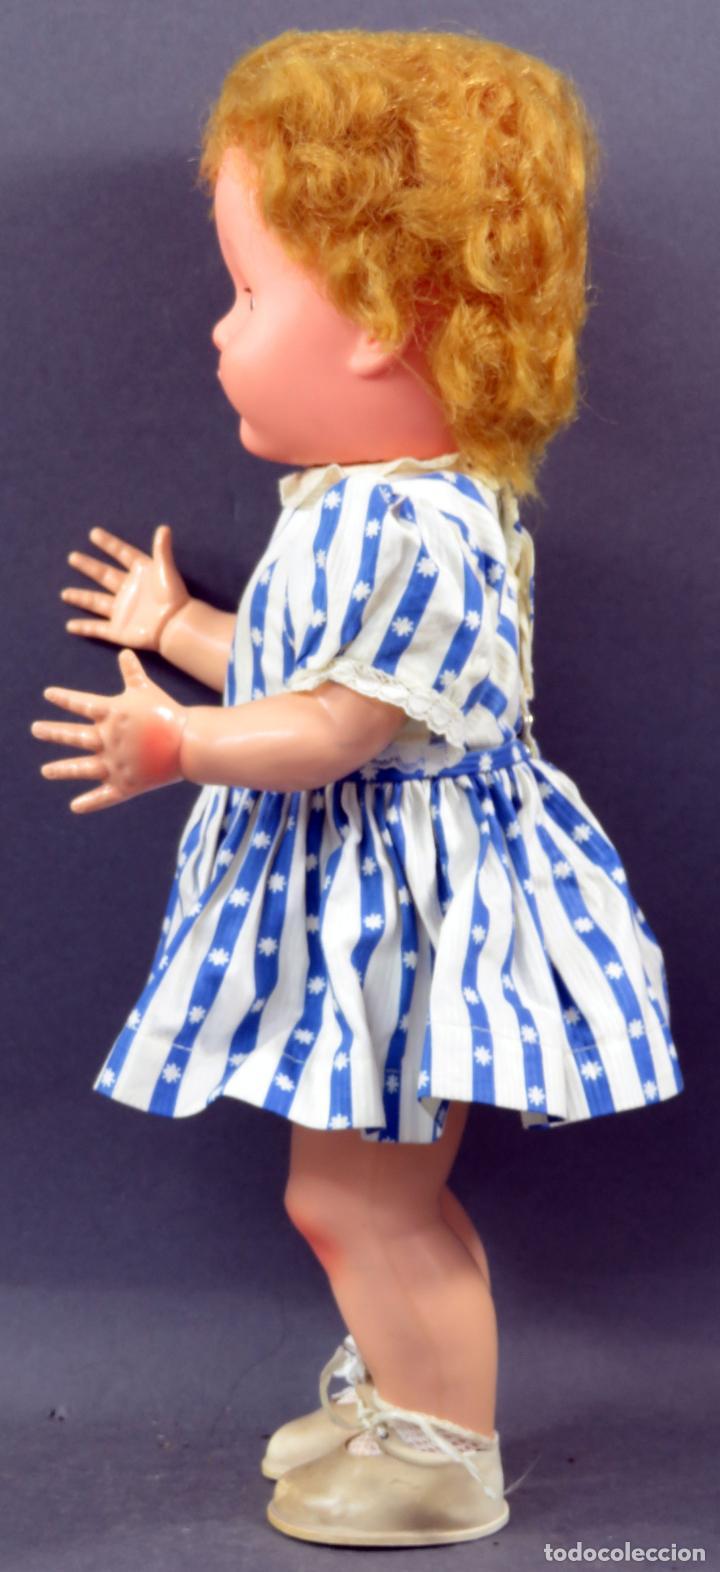 Muñecas Extranjeras: Muñeca andadora inglesa Pedigree goma y plástico ropa original con etiqueta años 60 40 cm - Foto 3 - 151966586